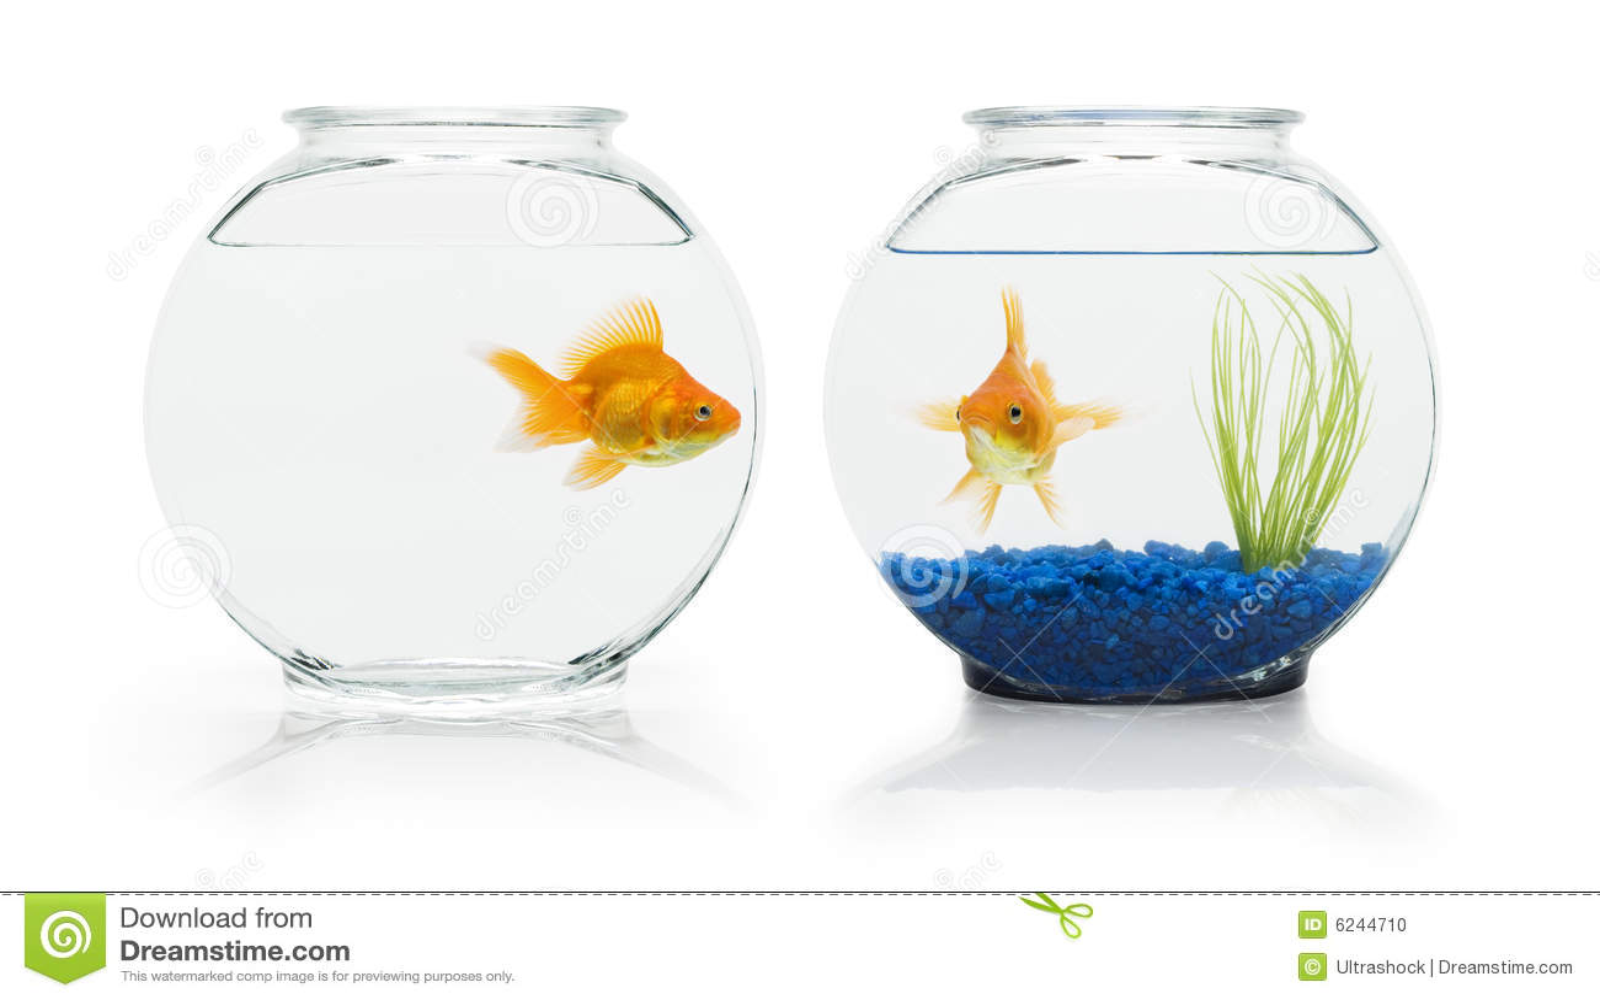 Złota rybka siedlisk